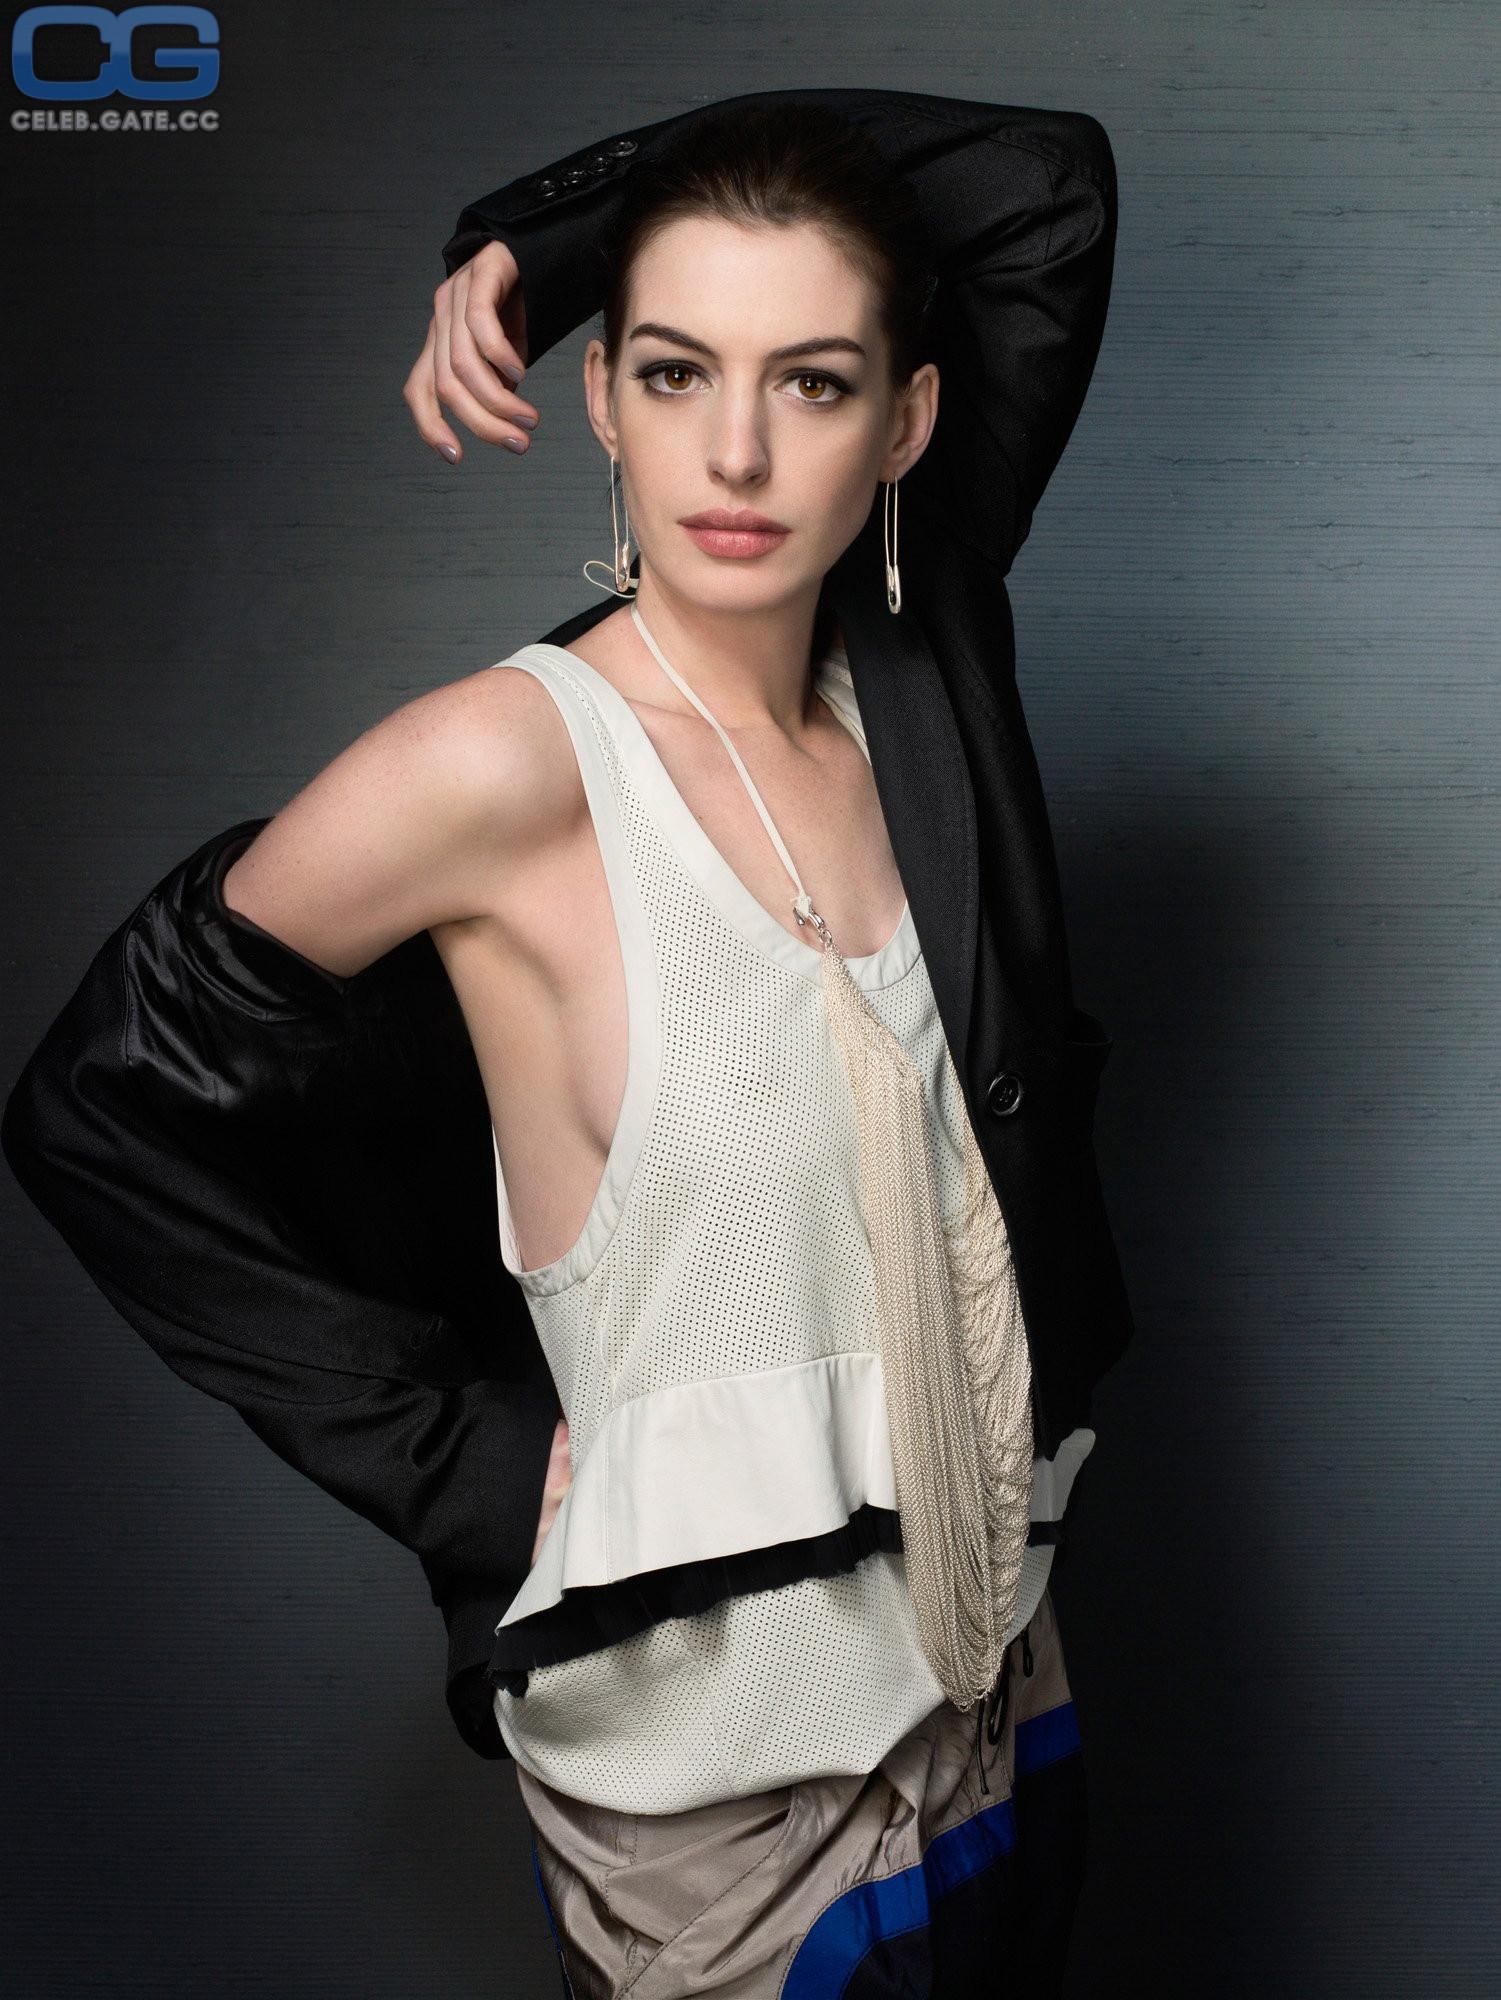 Anne Hathaway Playboy